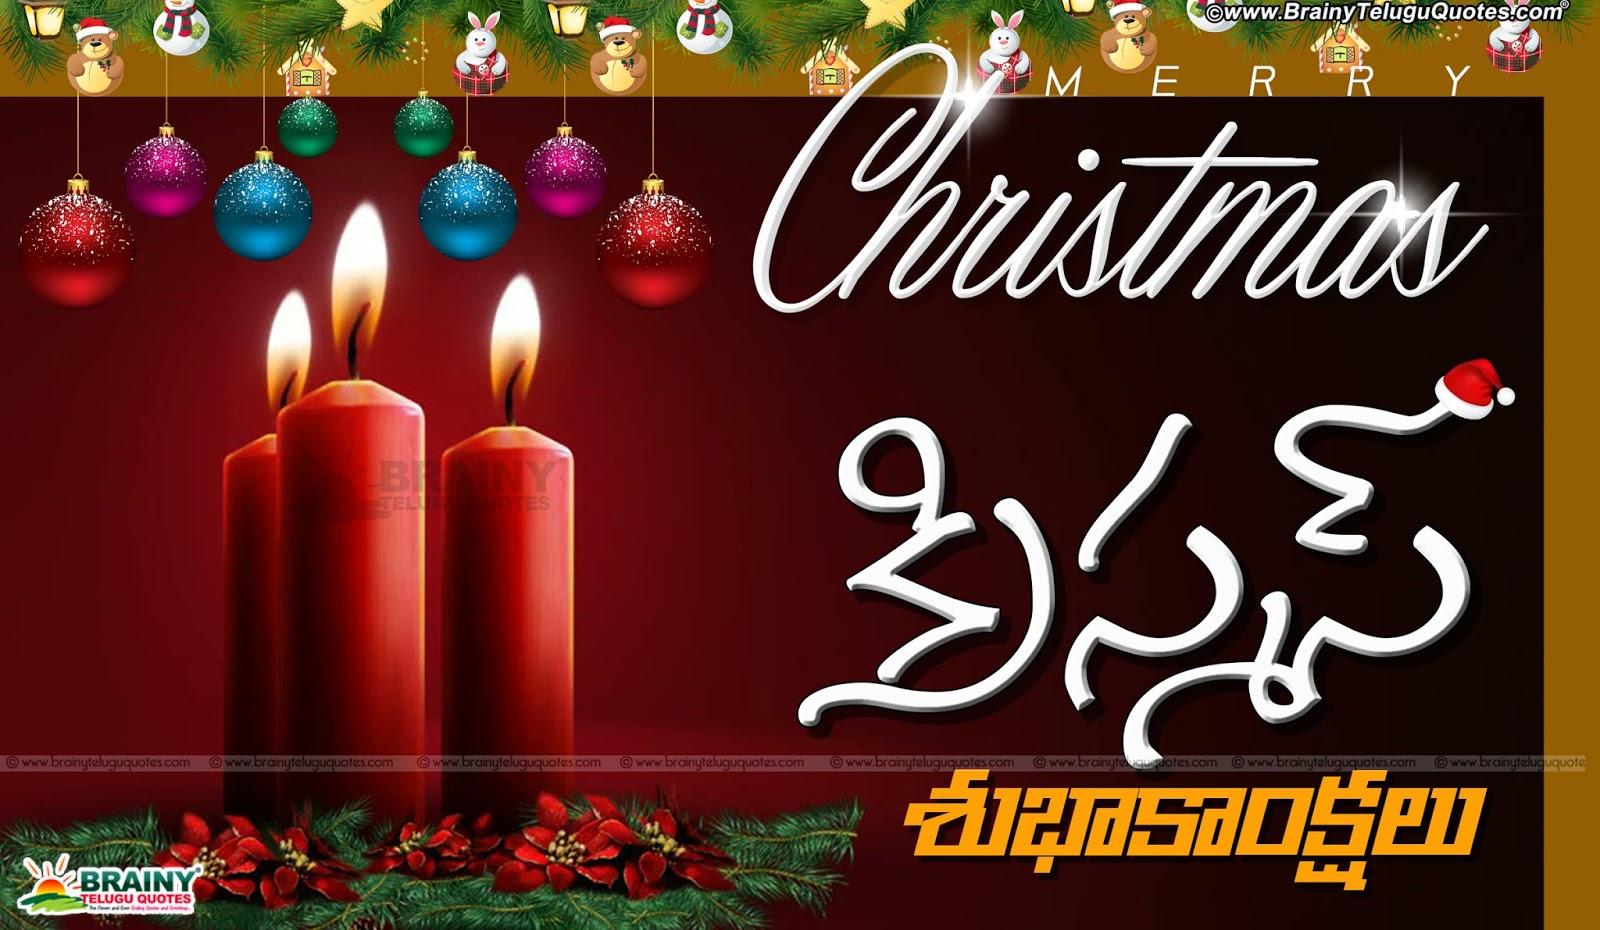 Happy Christmas Telugu wishes Greetings quotations   BrainyTeluguQuotes.comTelugu quotes English ...